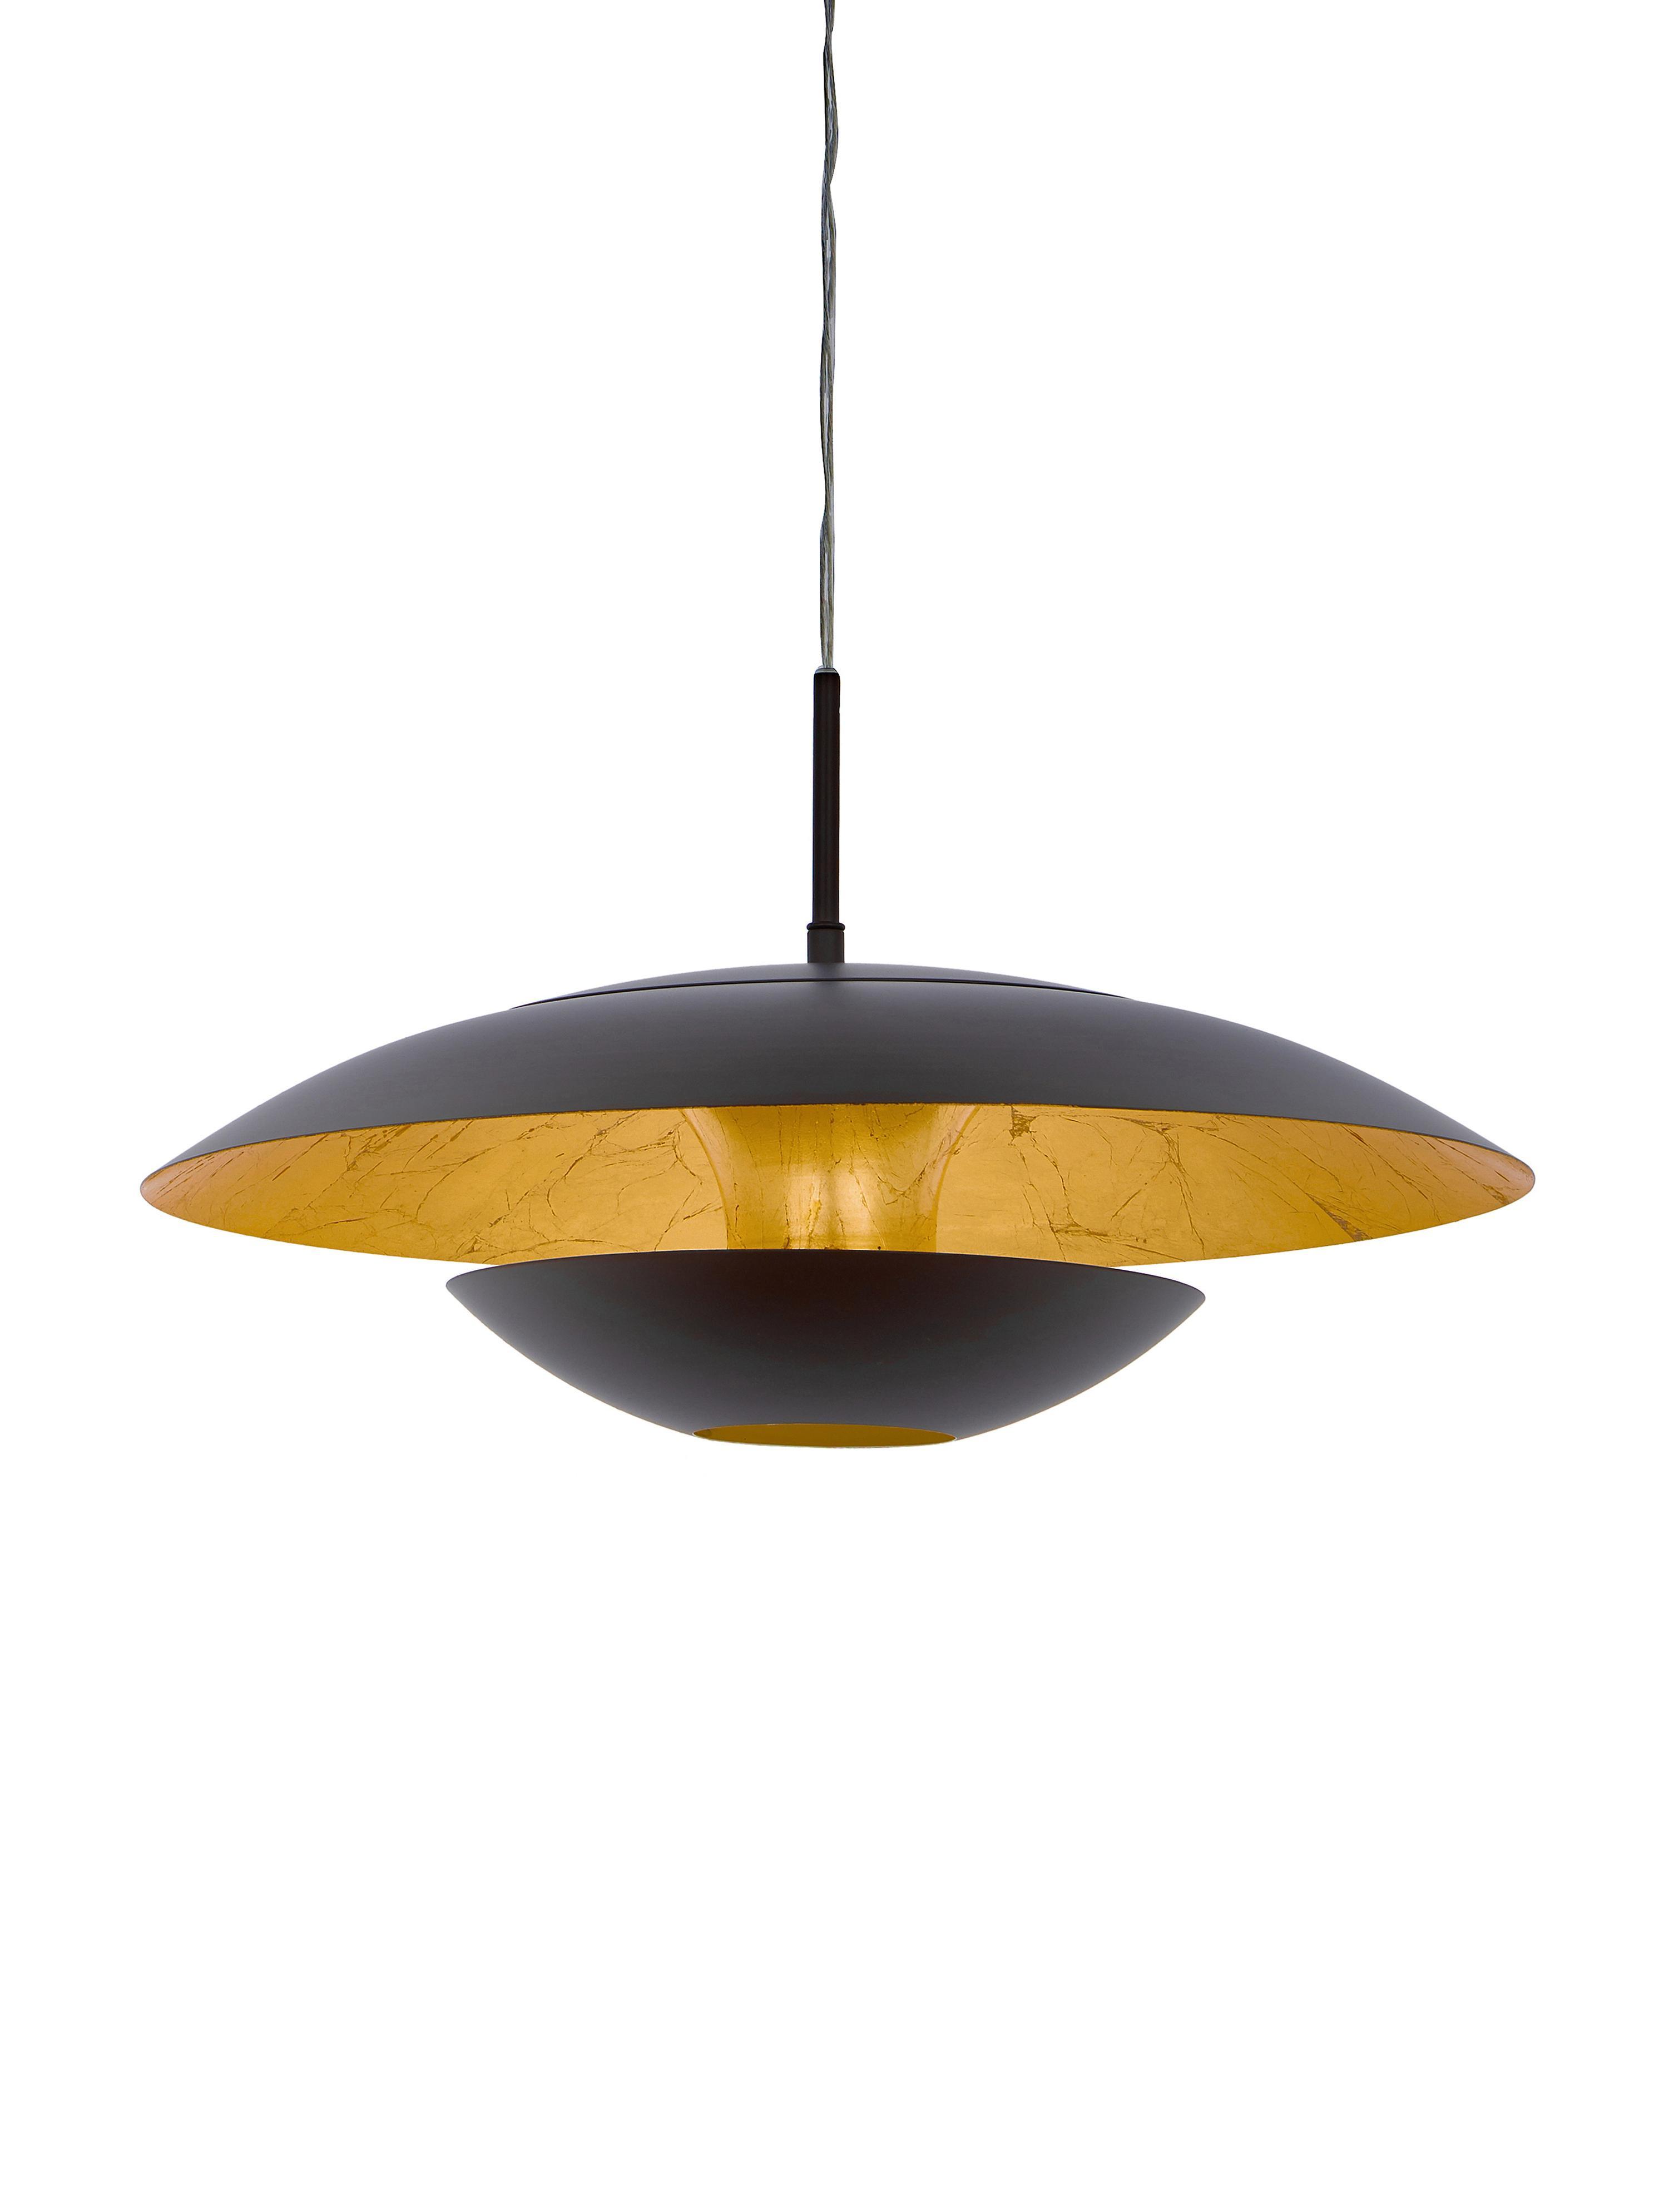 Pendelleuchte Nuvano in Braun, Braun, Goldfarben, Ø 48 x H 18 cm